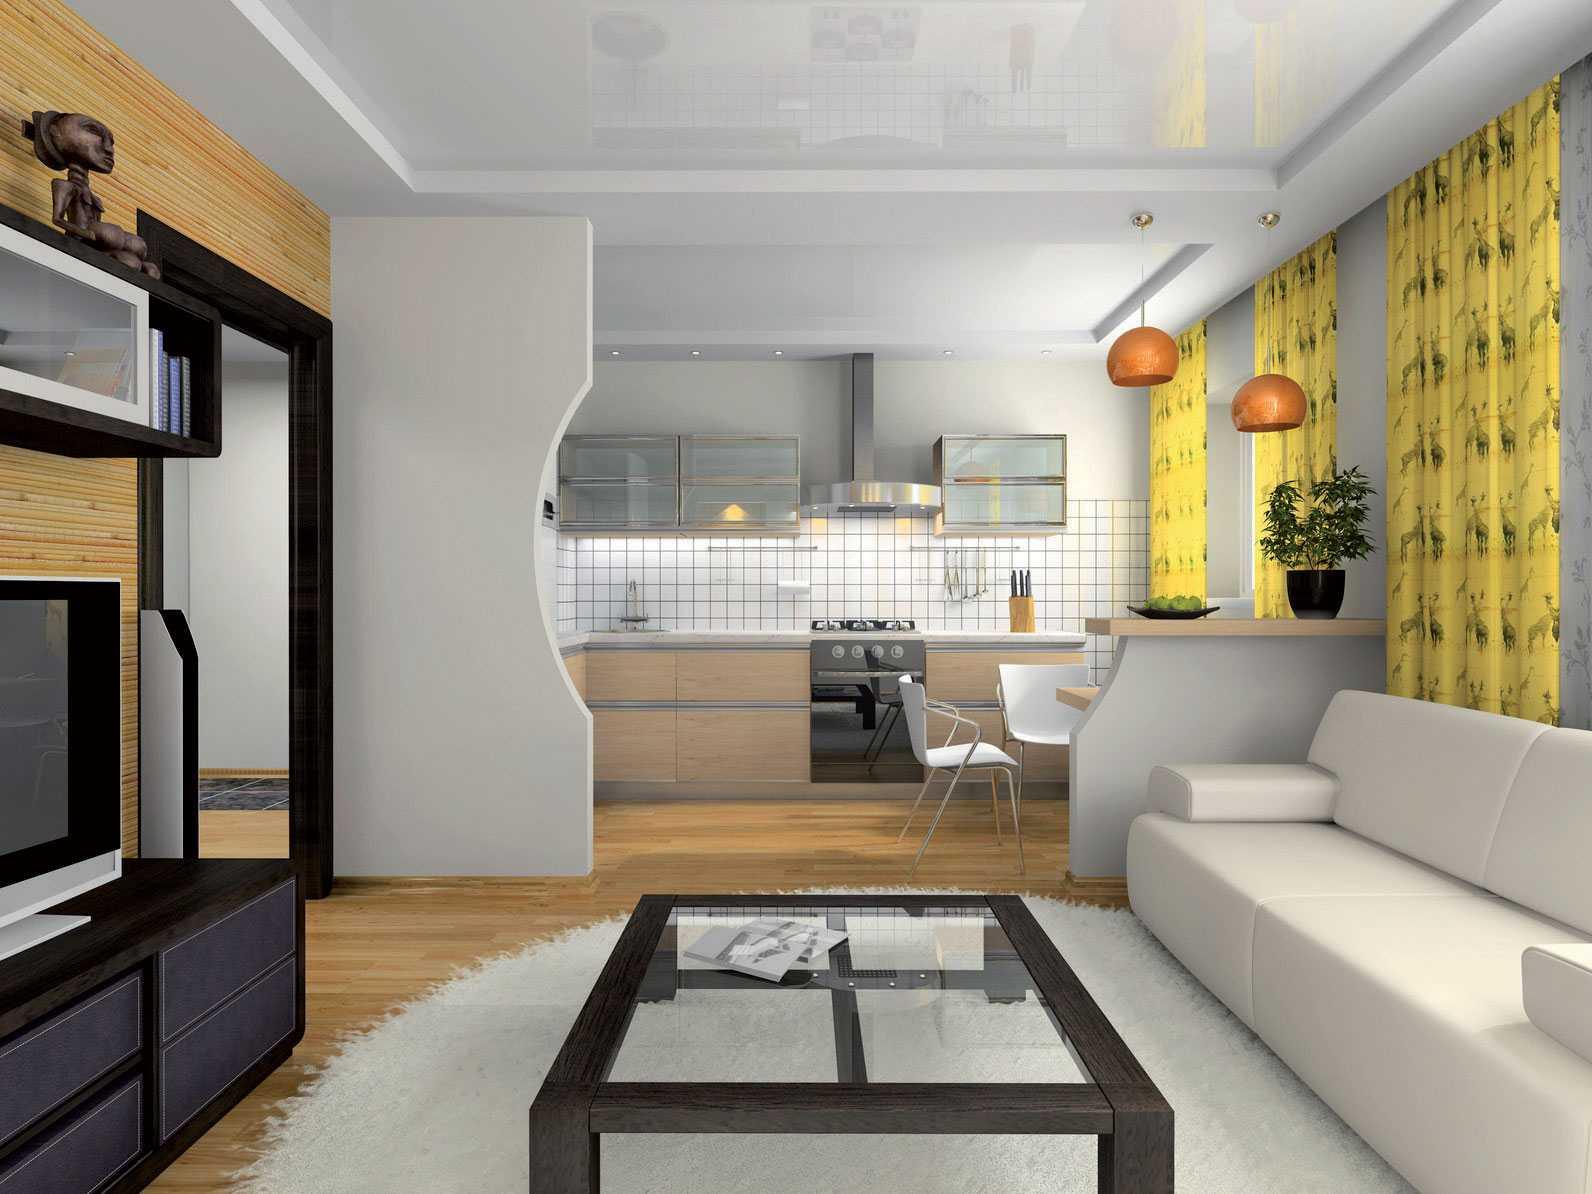 Перегородка между кухней и гостиной: как оформить декоративное зонирование